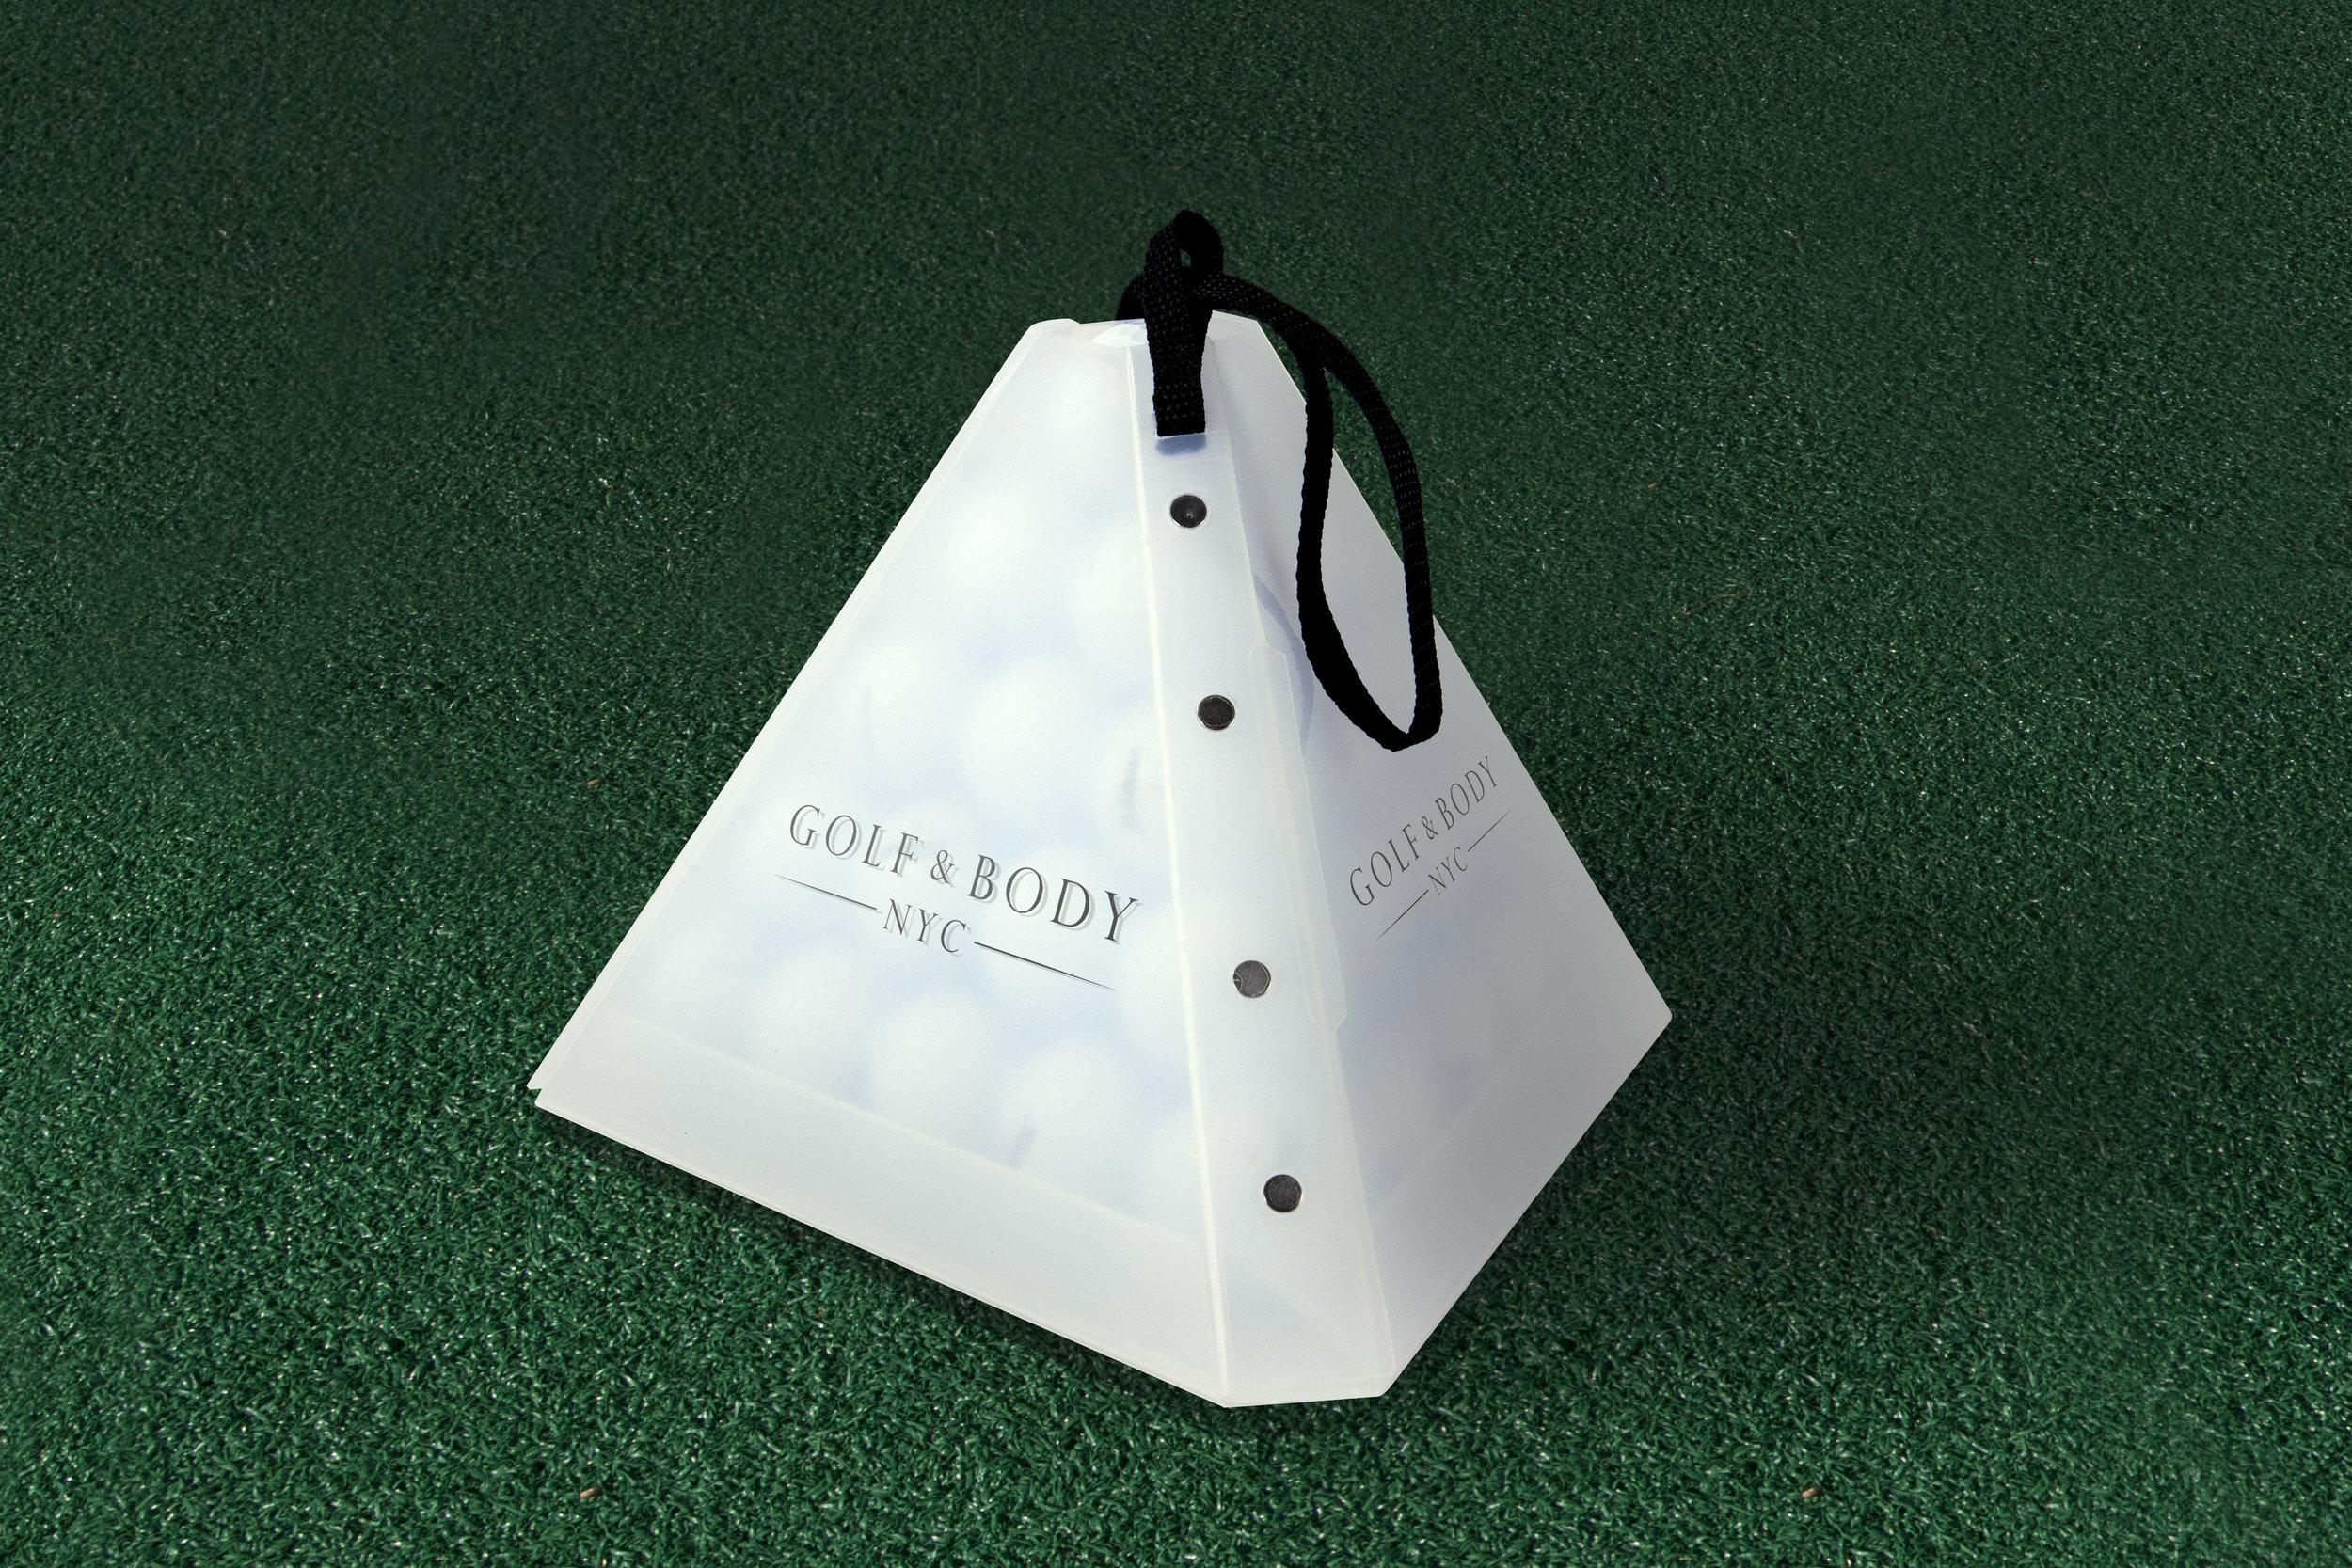 Golf&Body-Prototype-01-edit.jpg